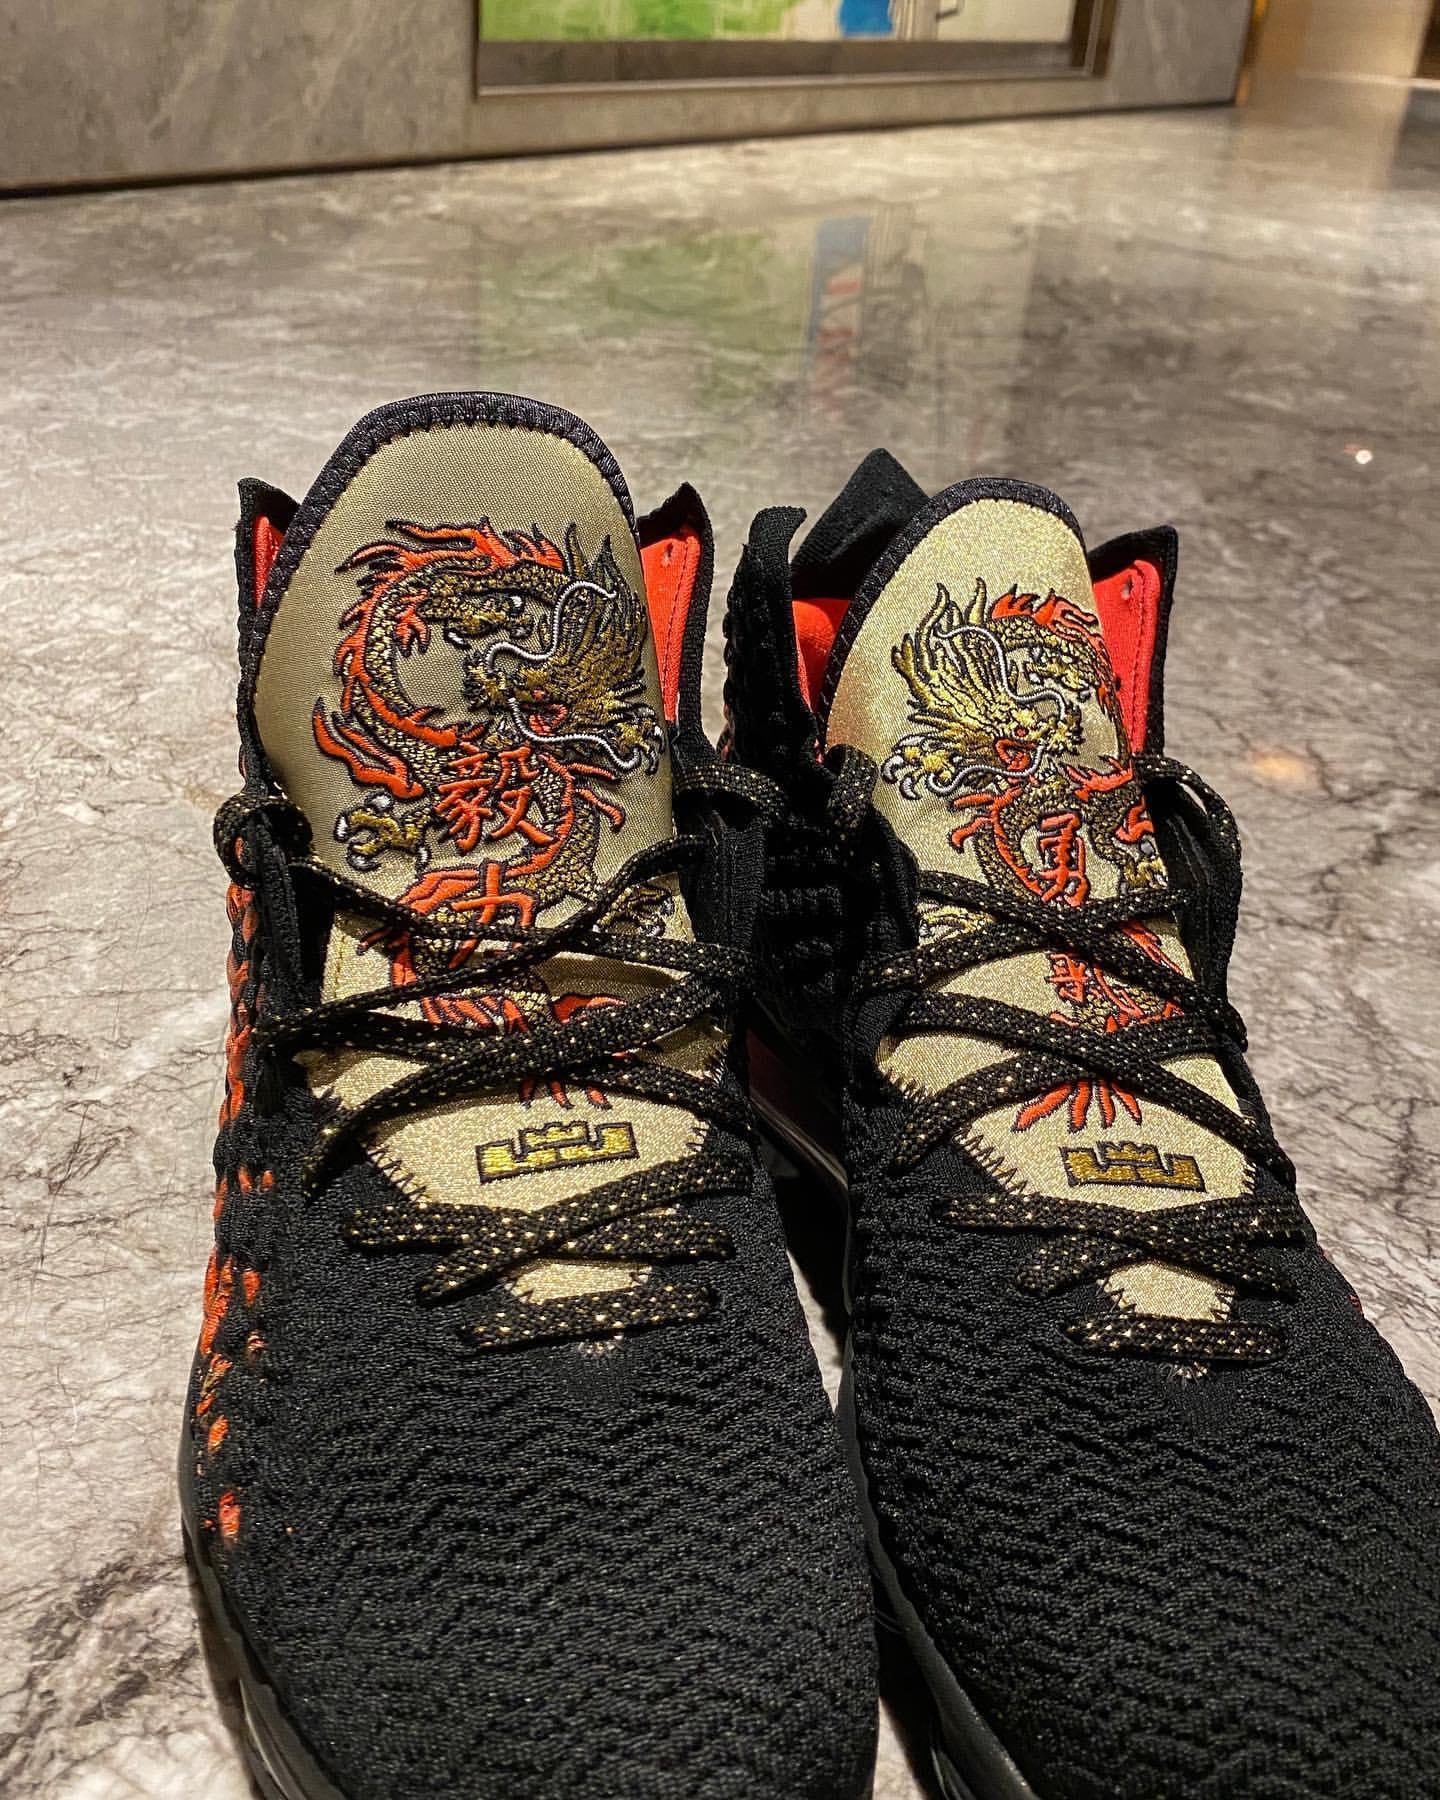 周杰伦晒幼我设计的中国风詹17战靴:吾要做音笑上的皇帝